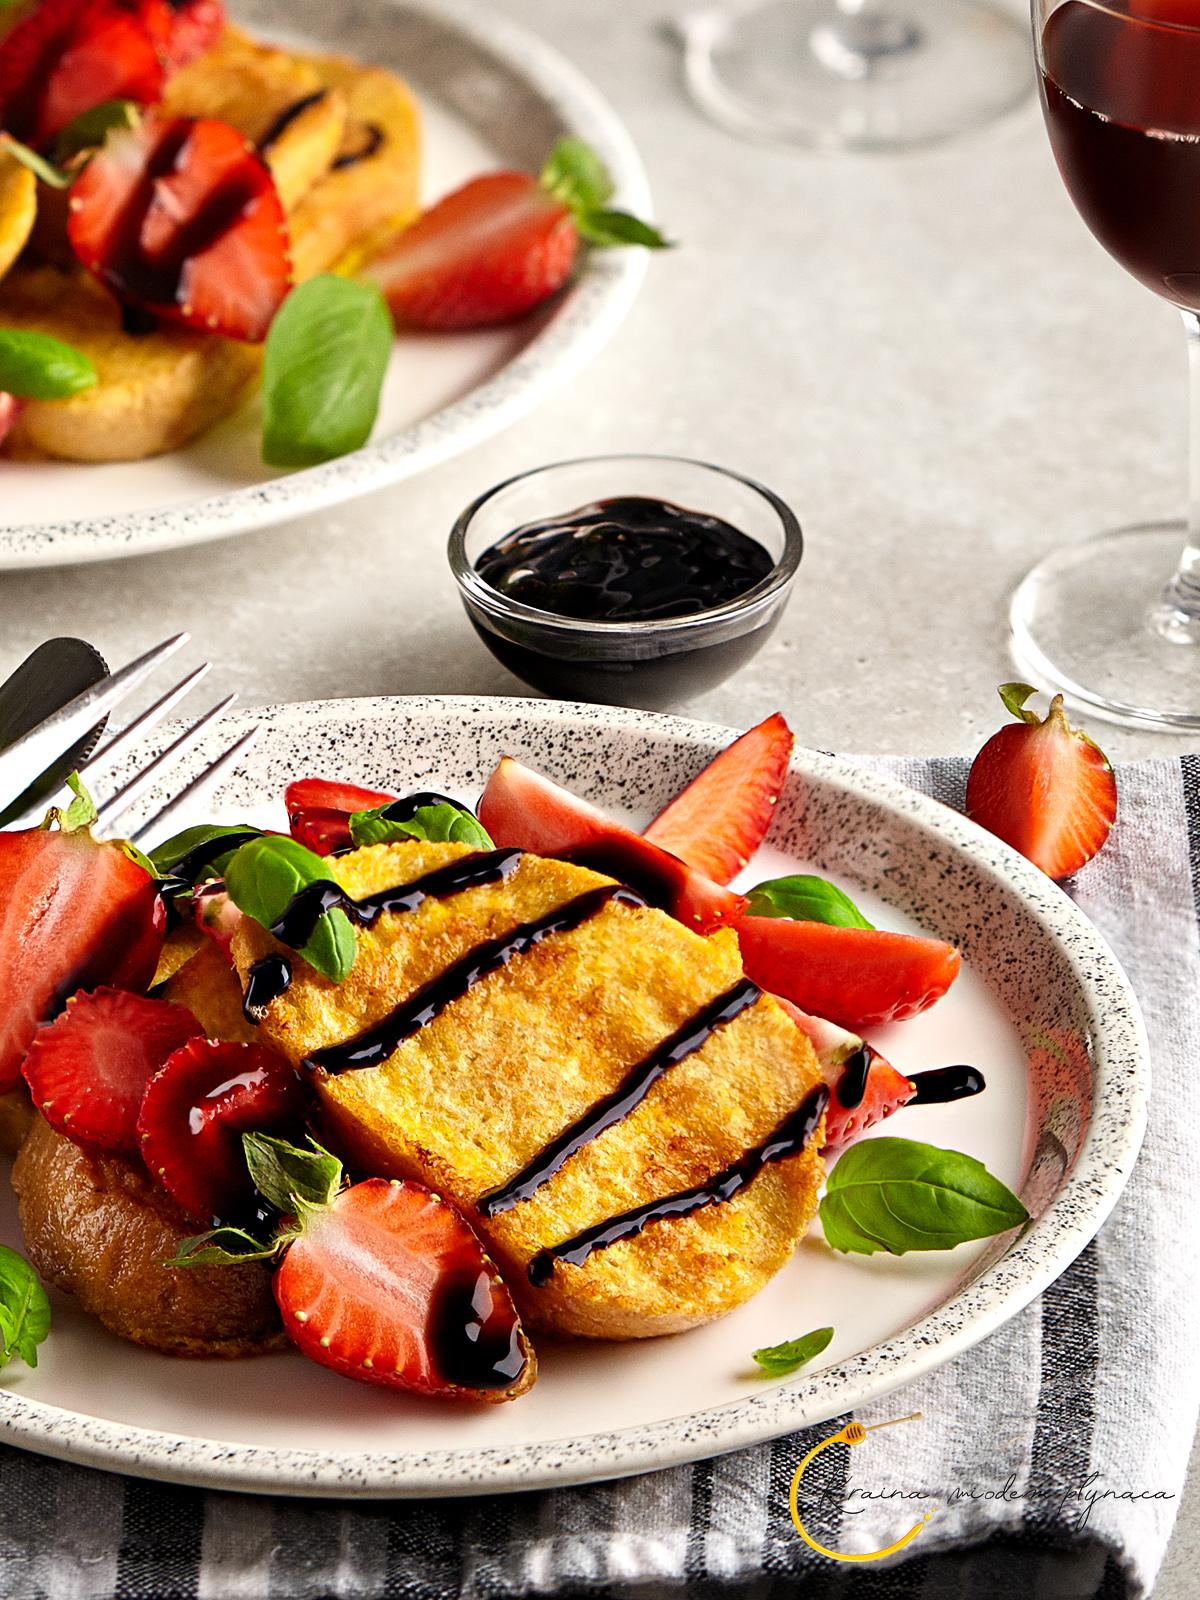 tosty francuskie z truskawkami, tosty francuskie wytrawne, pomysł na kolację, pomysł na chleb, pomysł na jajka, chleb w jajku, kraina miodem płynąca, fotografia kulinarna szczecin